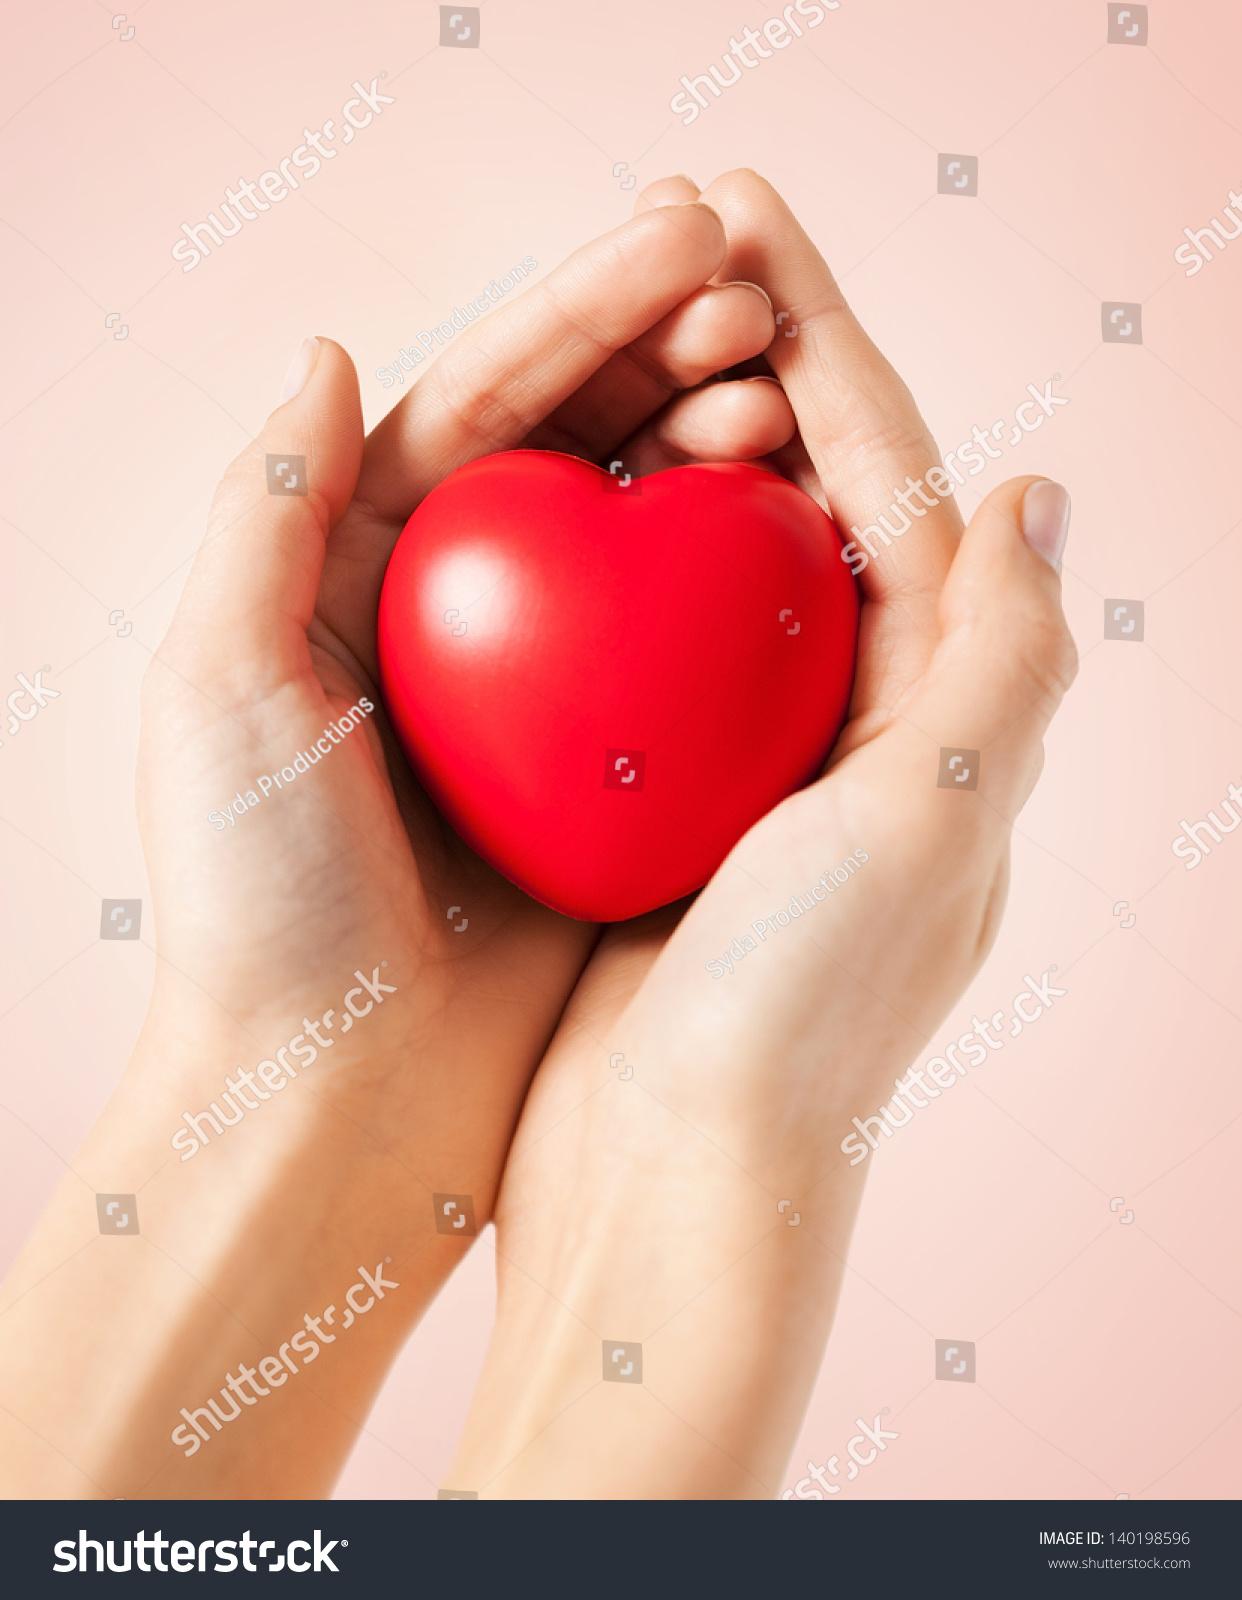 Close Woman Hands Heart Stock Photo 140198596 - Shutterstock